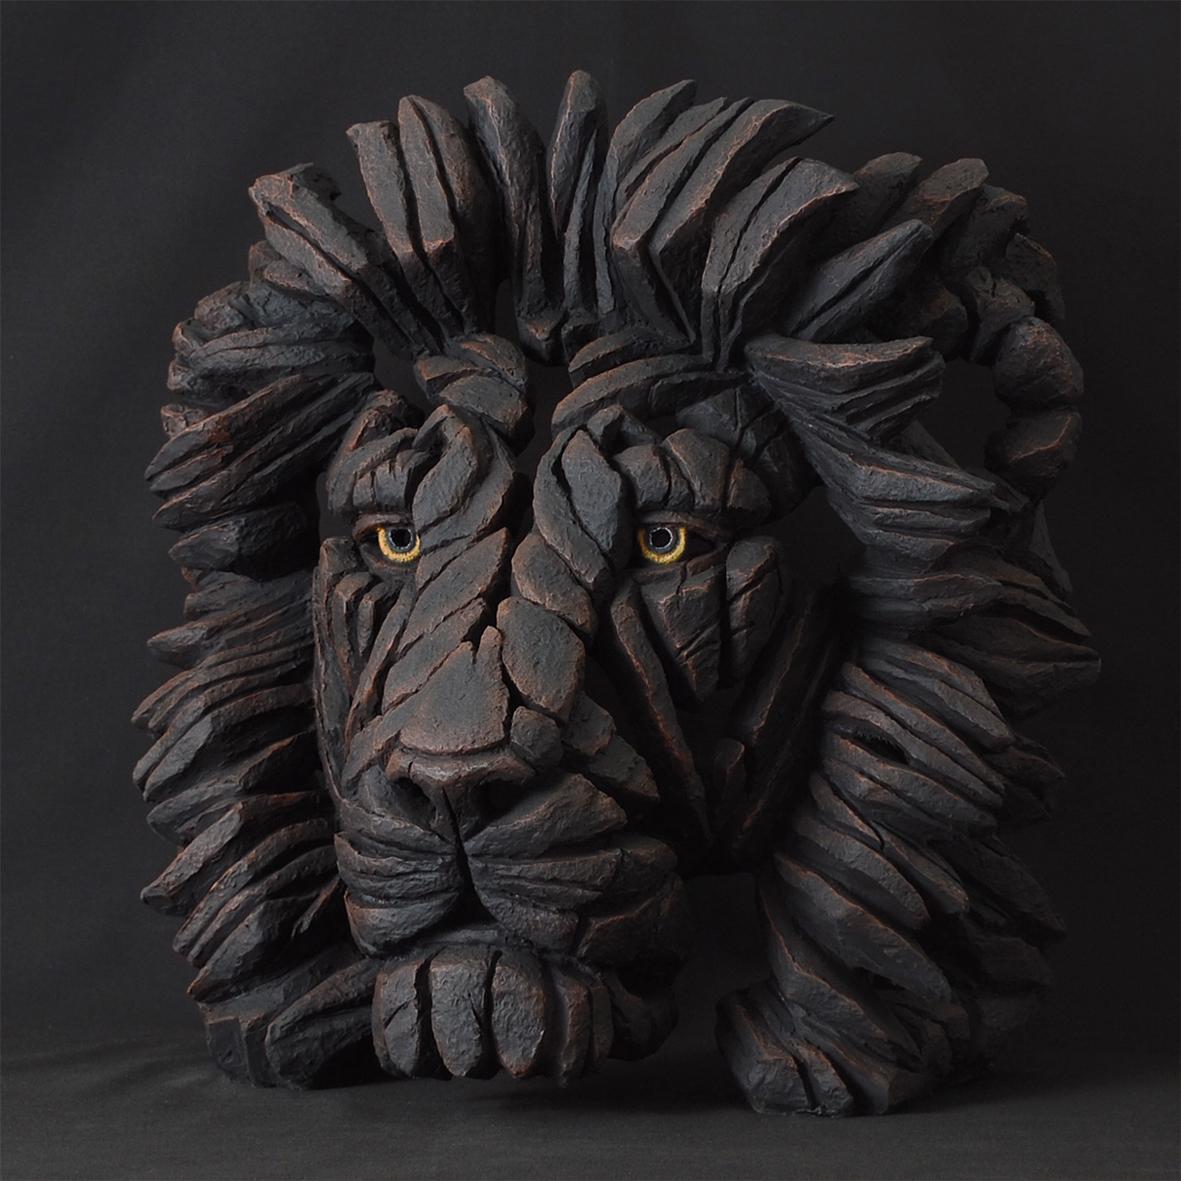 Edge Black Cat Sculpture